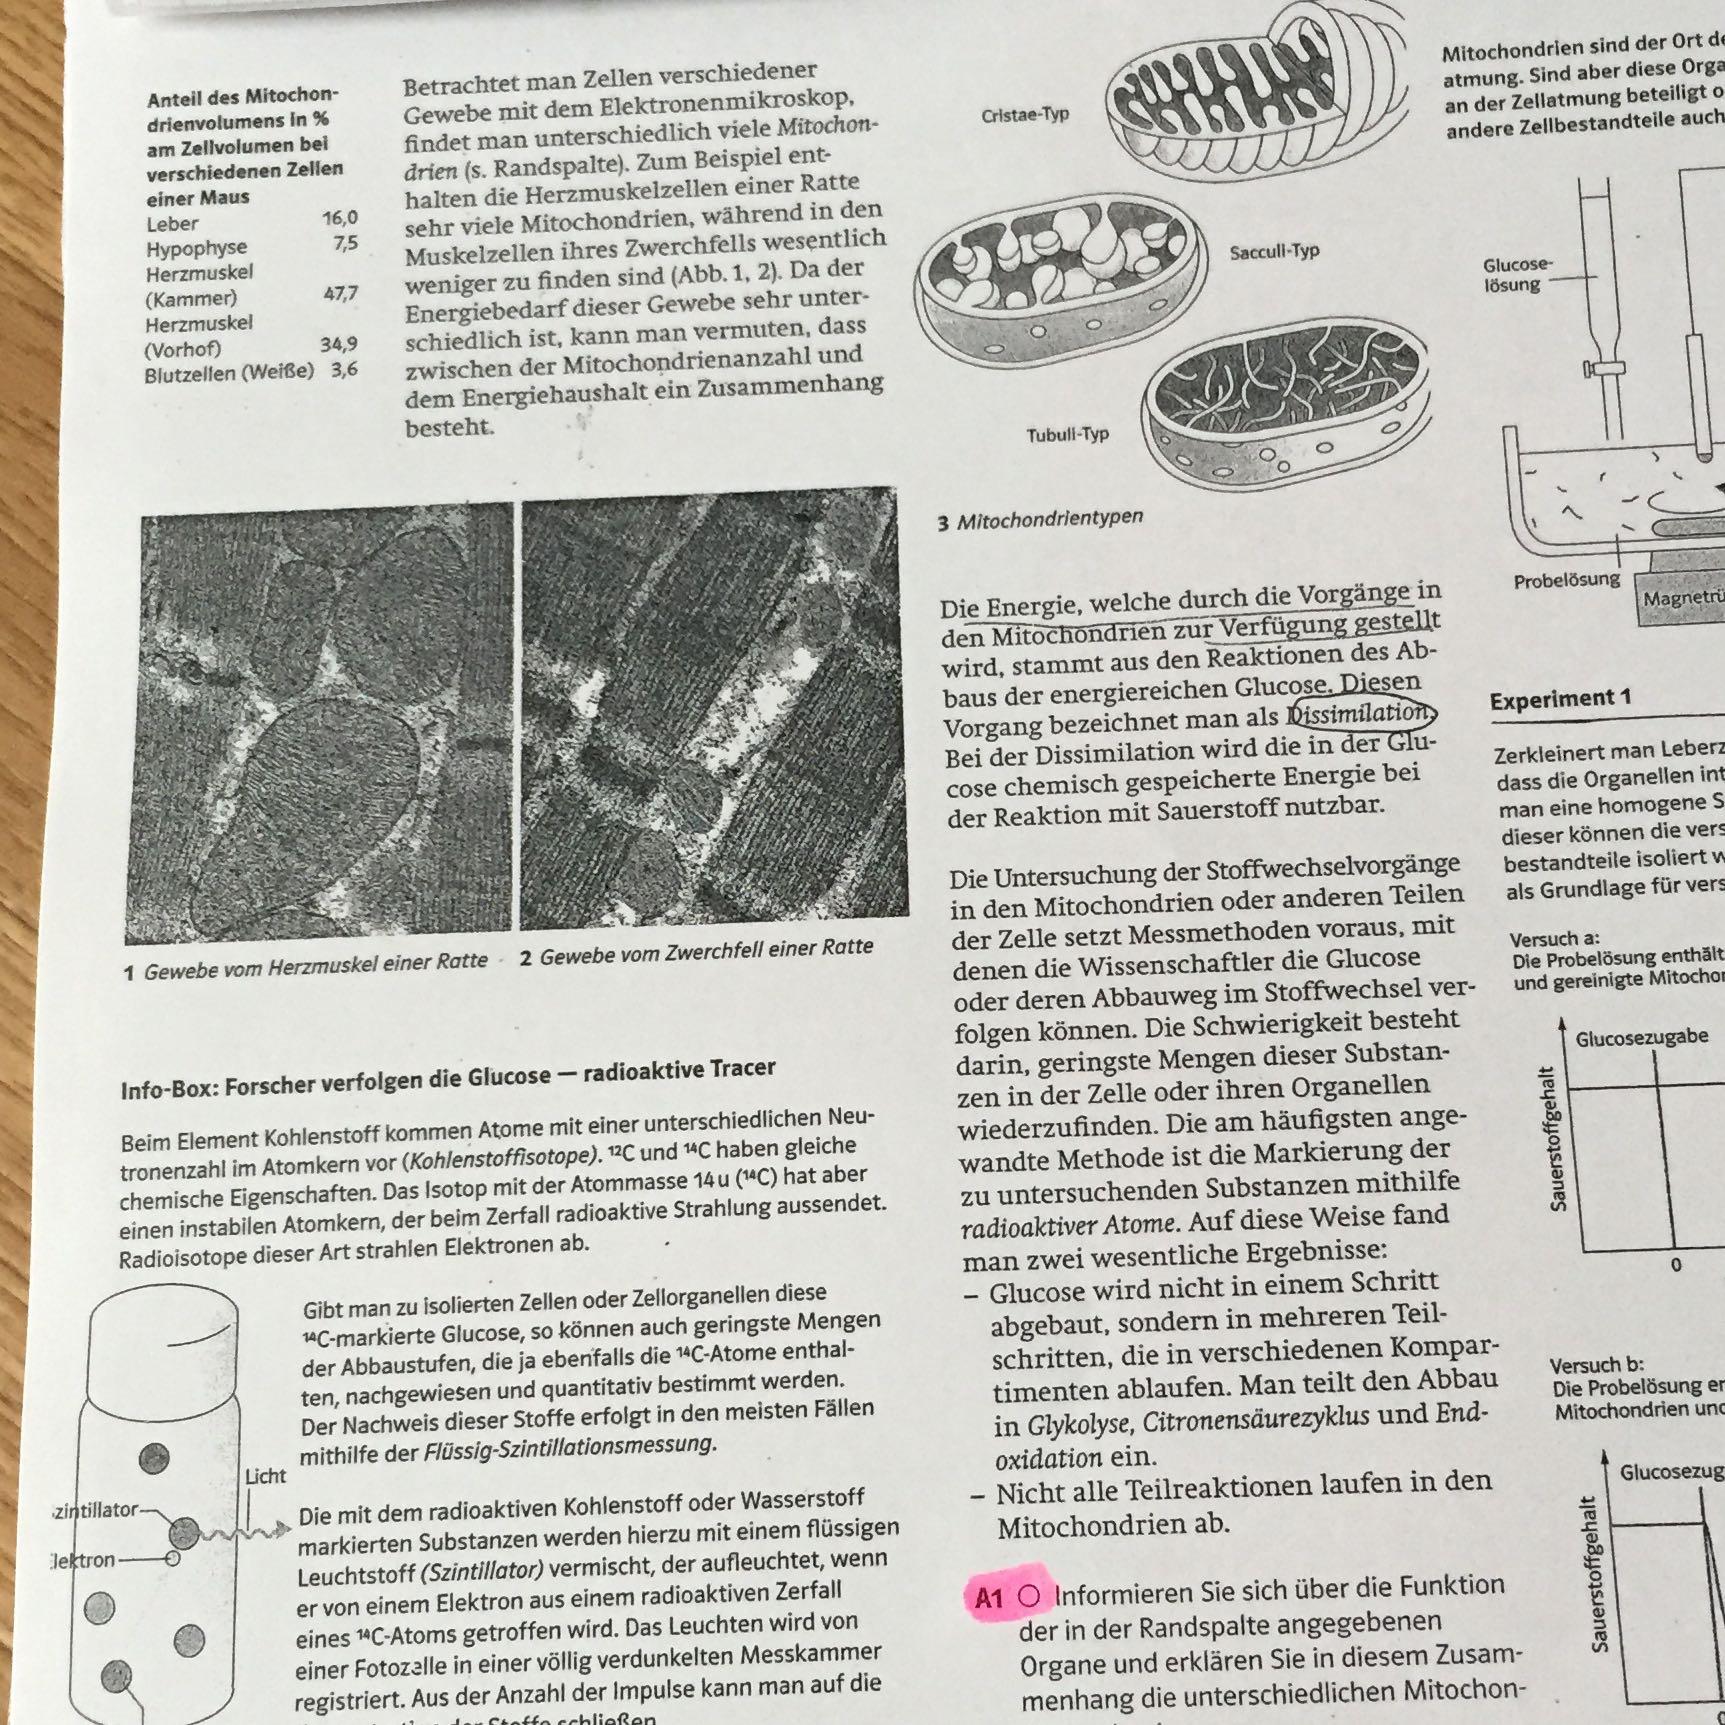 Biologie? Ich brauch dringend Hilfe Übungen für die Klausur? (Bio)